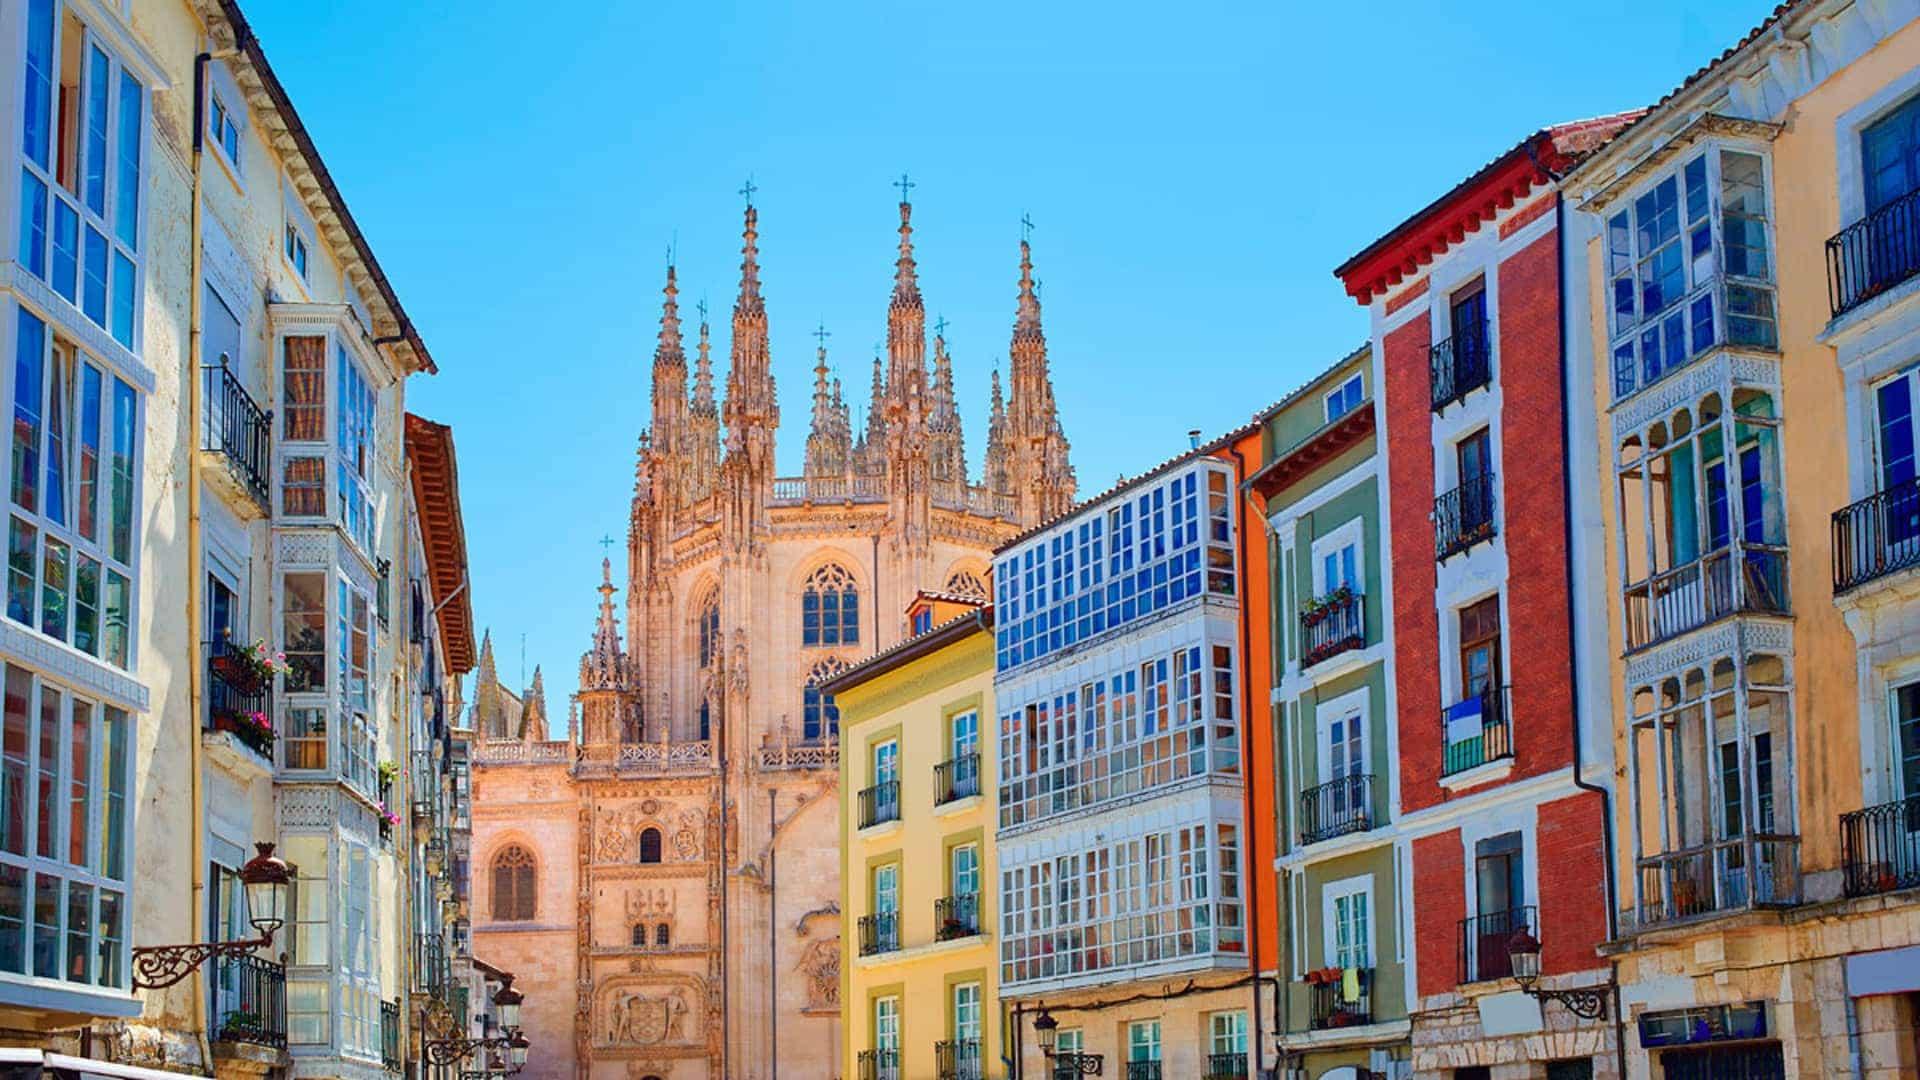 Movistar Burgos: tiendas y cobertura 5G